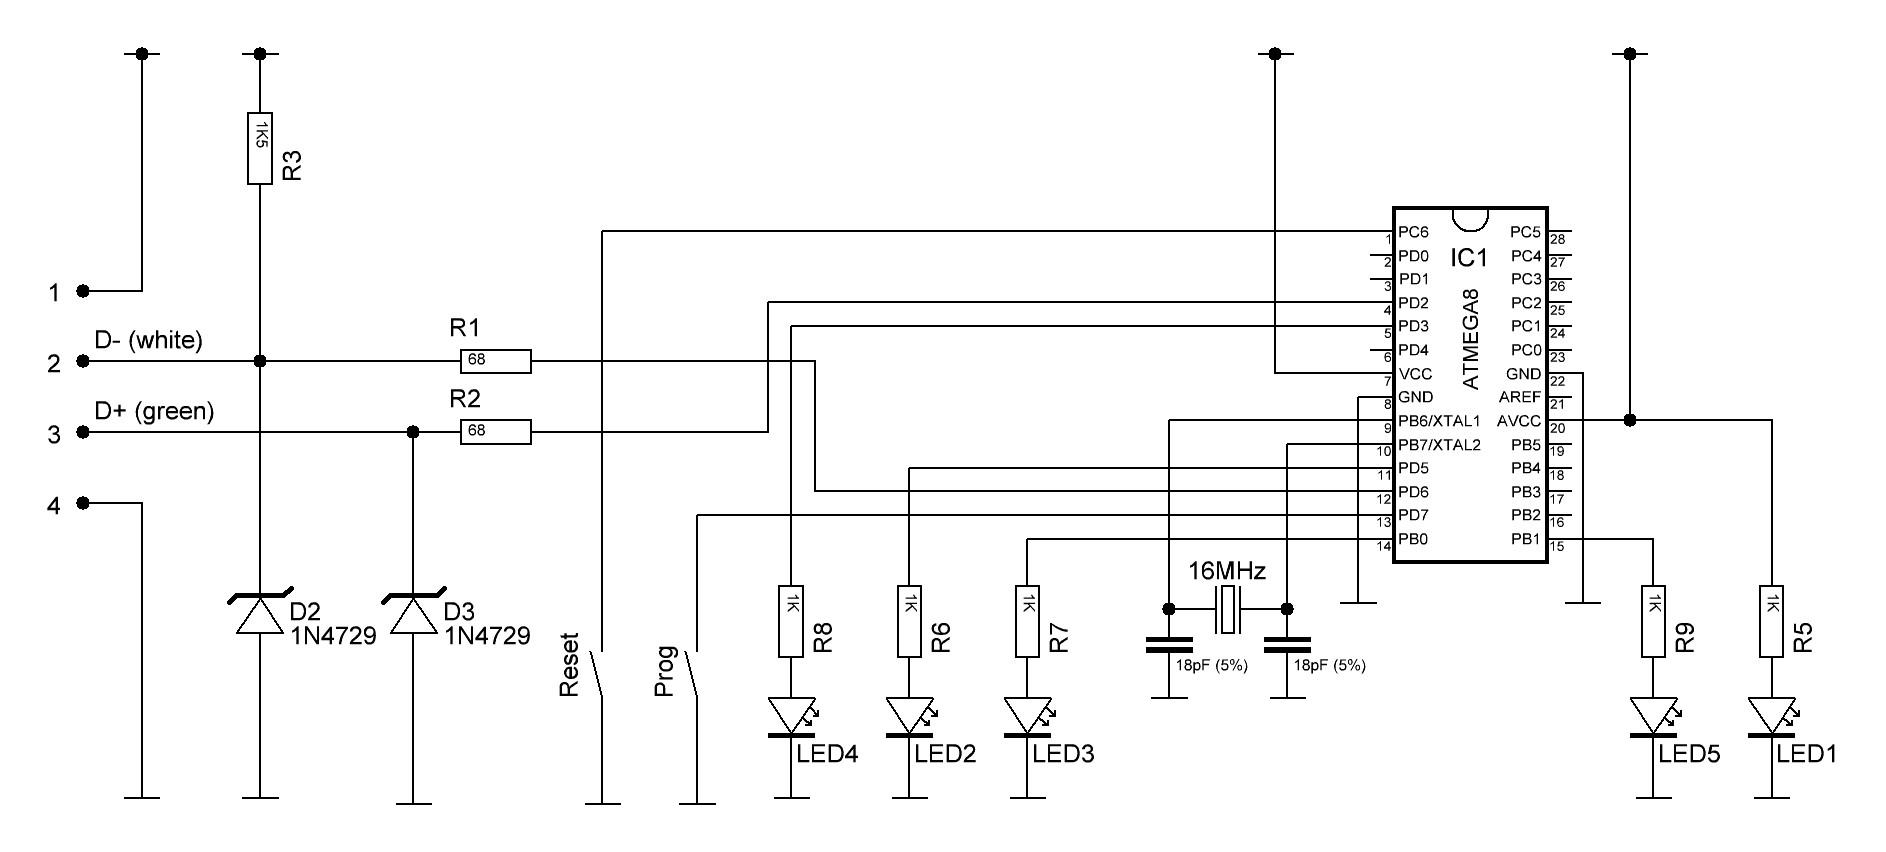 tinyUSBboard_rev2_schematic